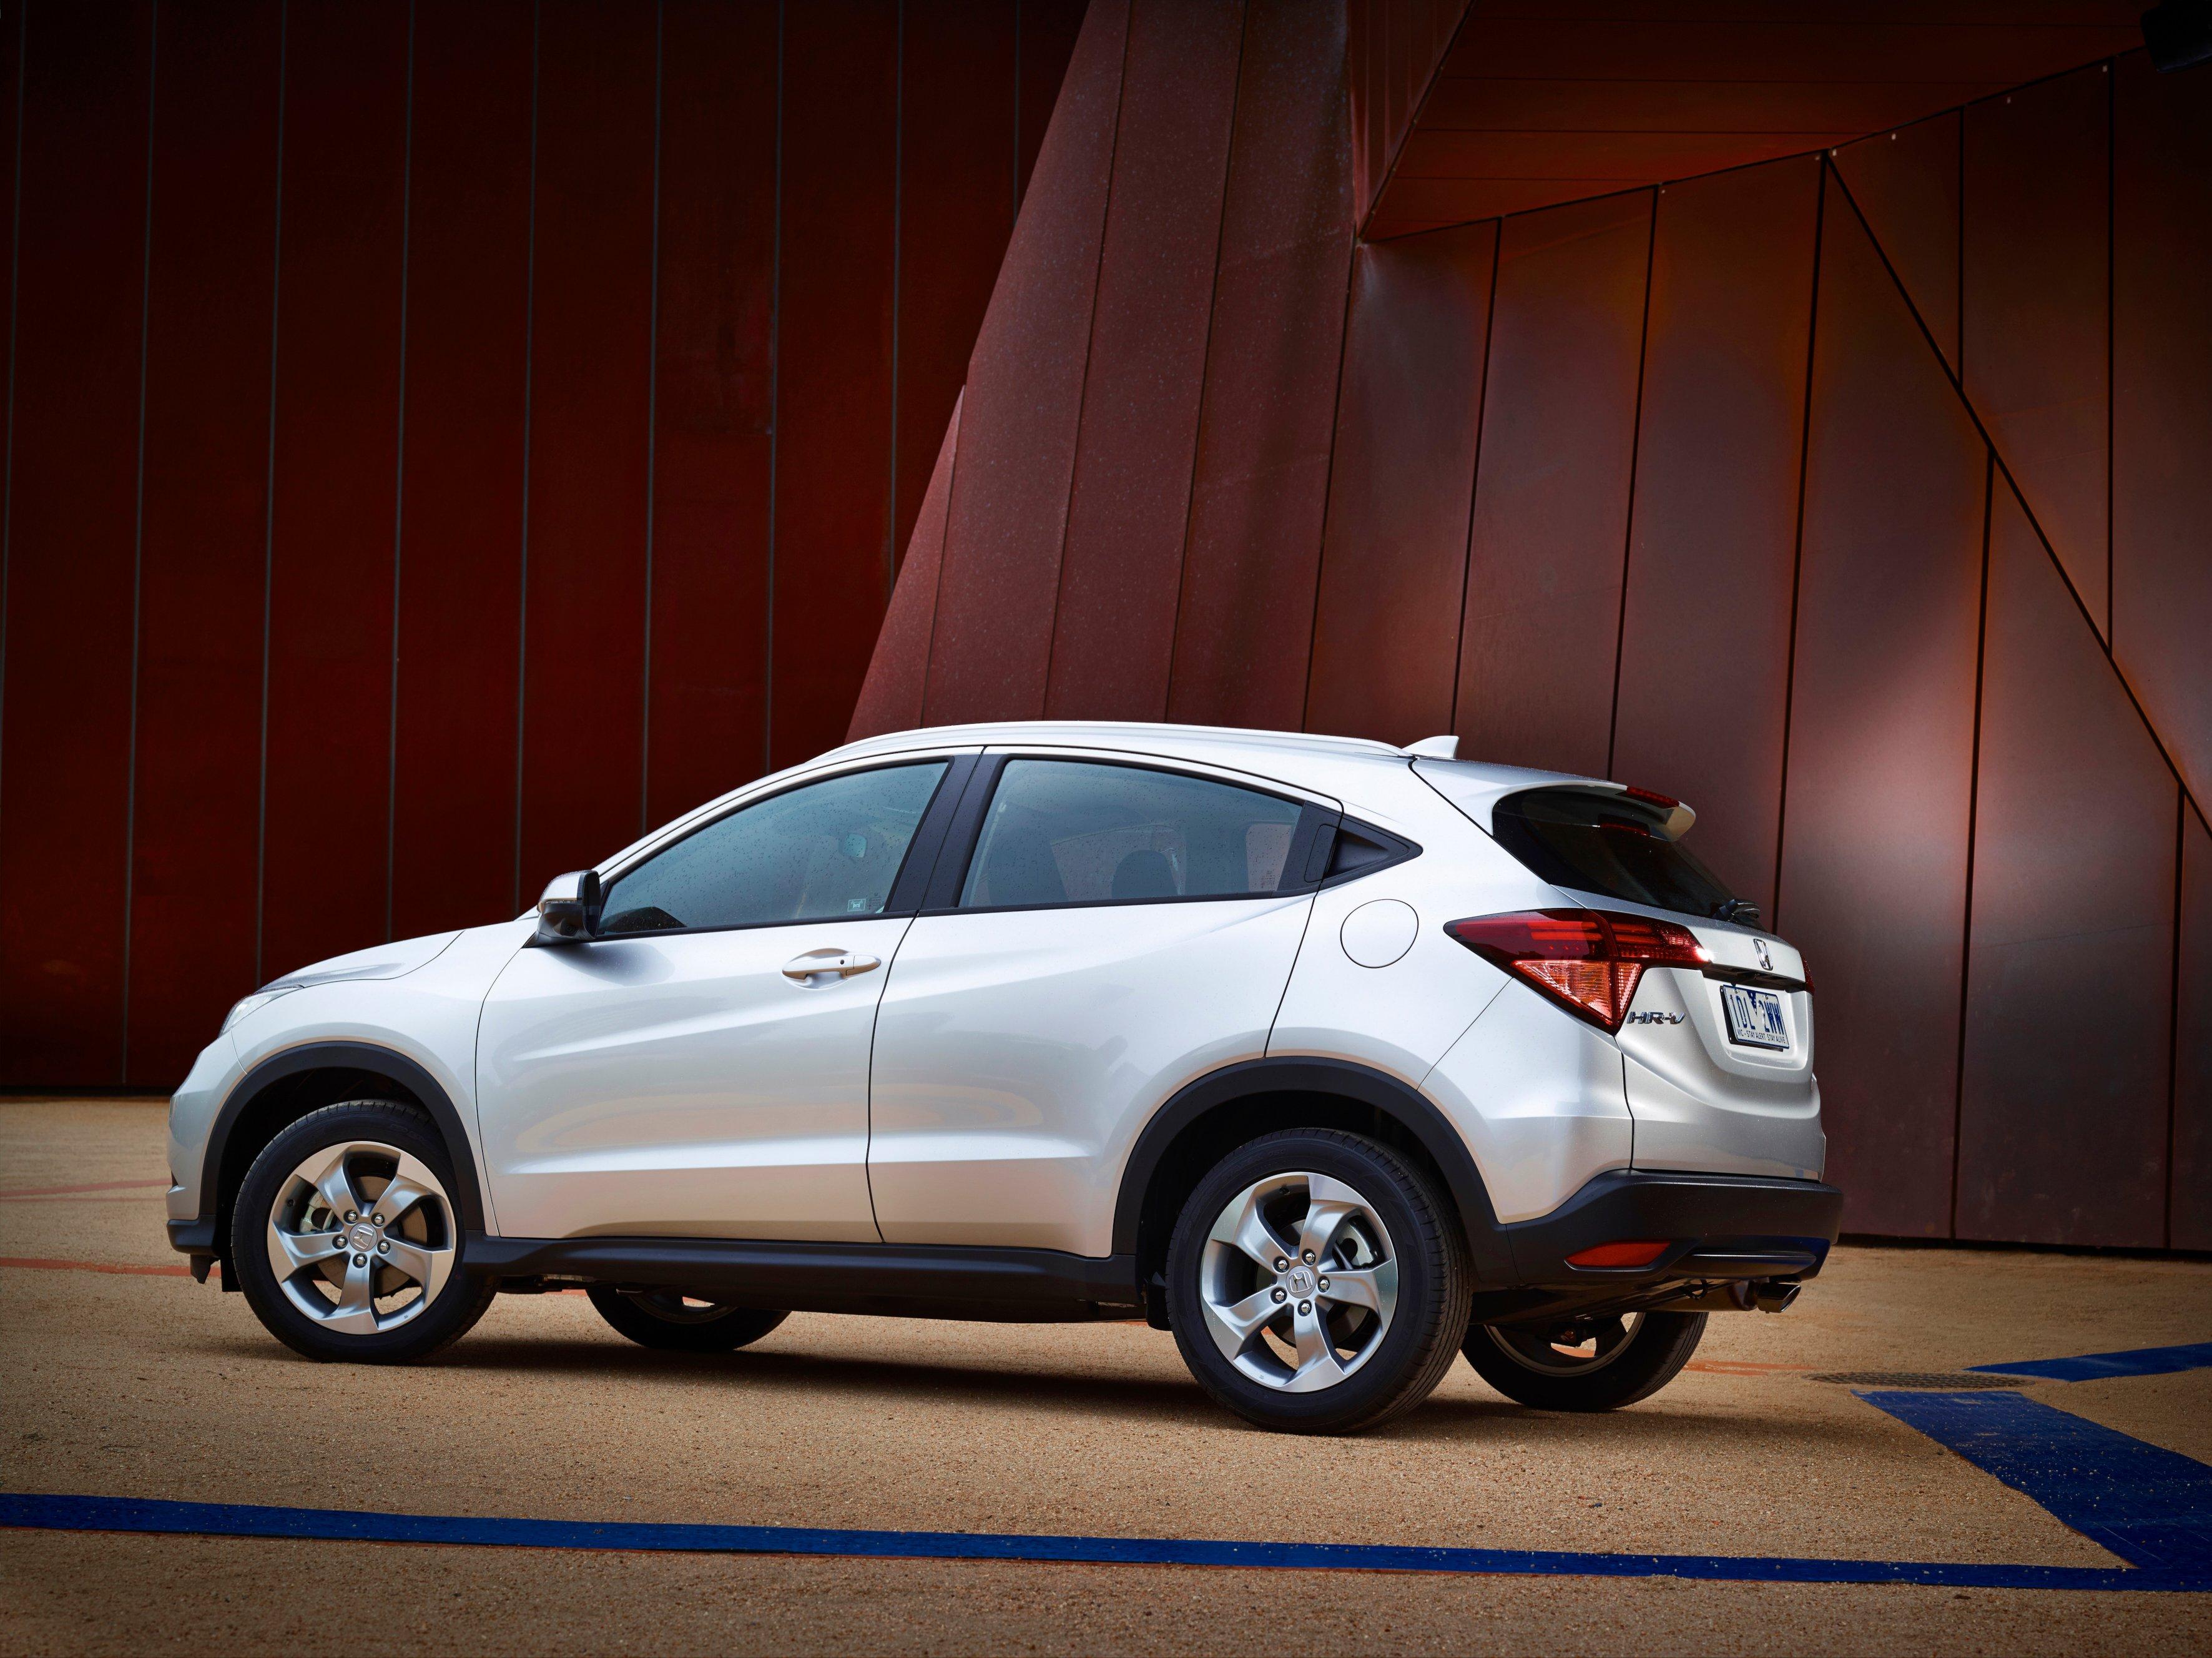 2015 honda hr v review photos caradvice for Honda hr v review